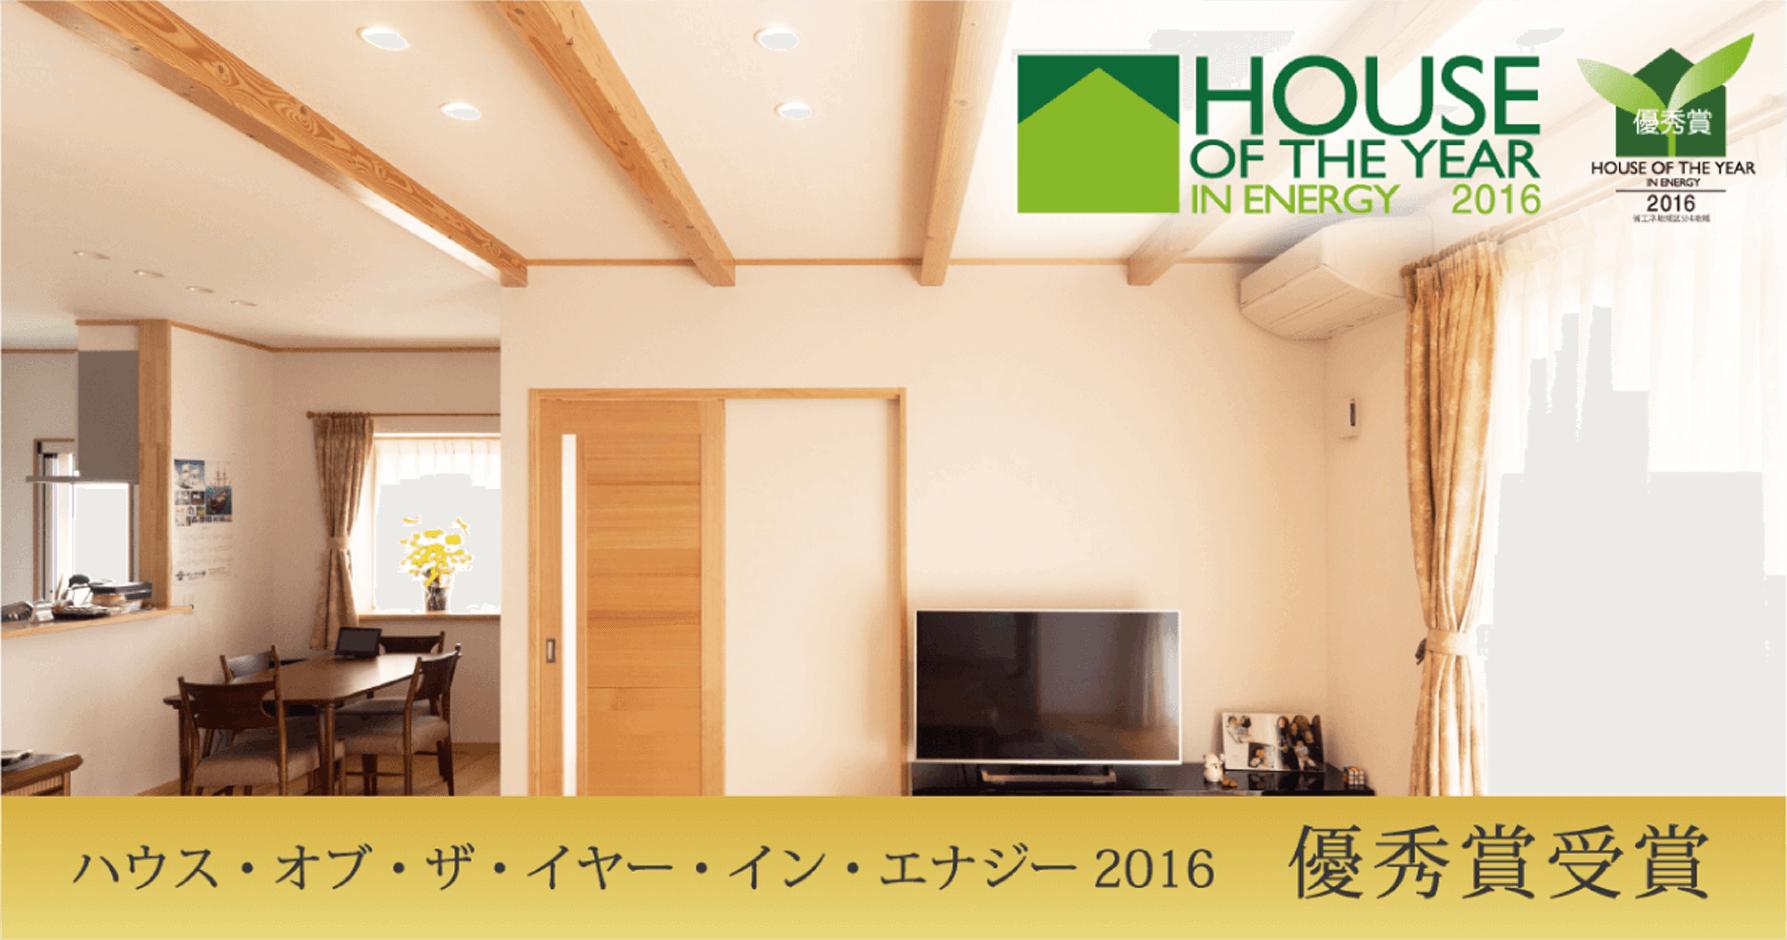 ハウス・オブ・ザ・イヤー・イン・エナジー2016 優秀賞受賞